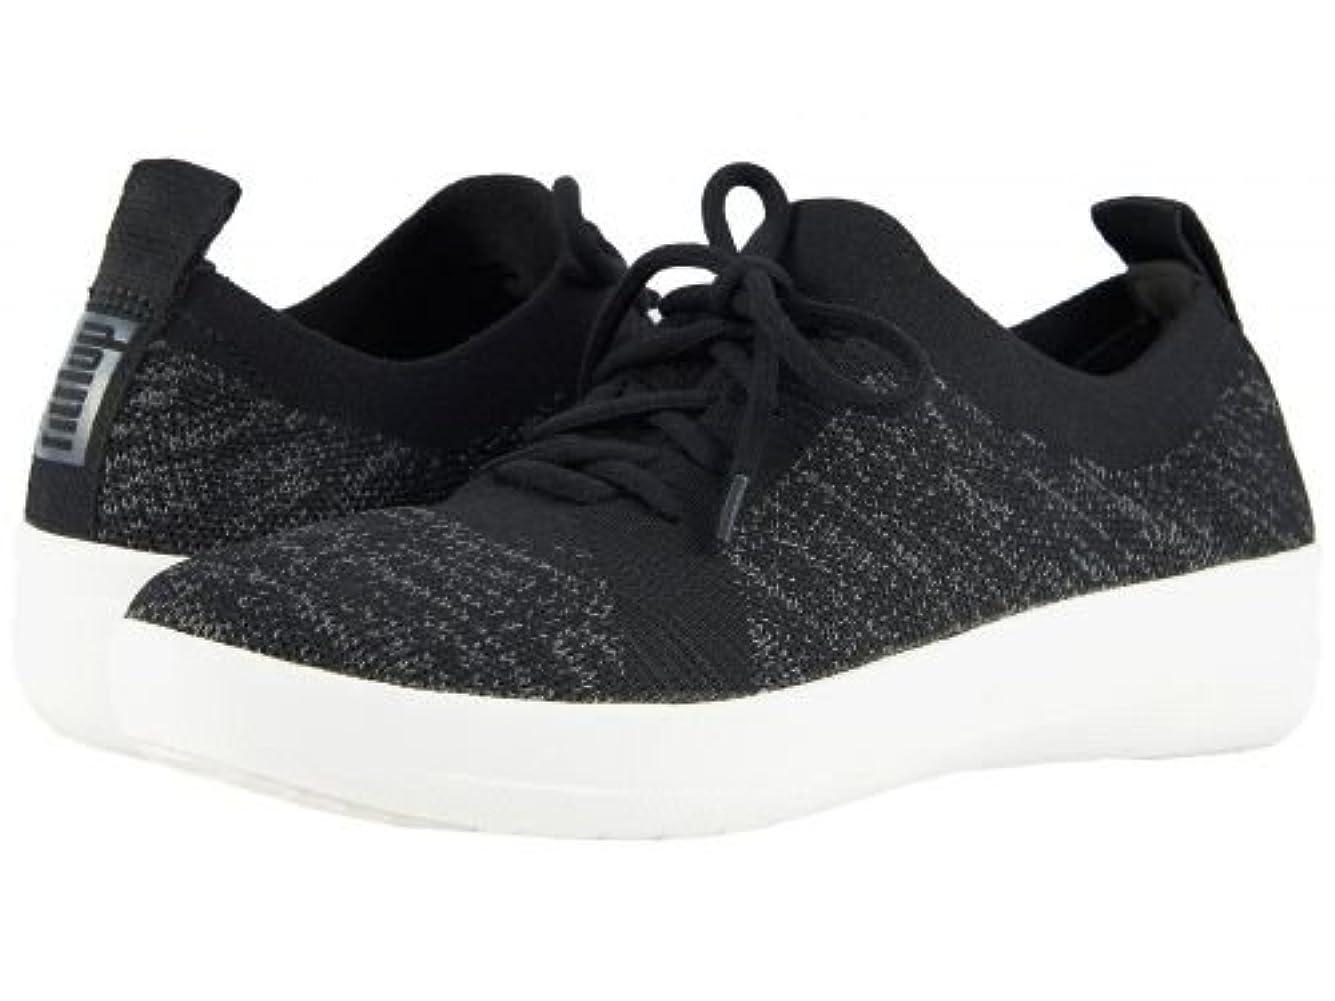 警戒撤回するネイティブFitFlop(フィットフロップ) レディース 女性用 シューズ 靴 スニーカー 運動靴 F-Sporty Uberknit Sneakers - Black 10 M (B) [並行輸入品]